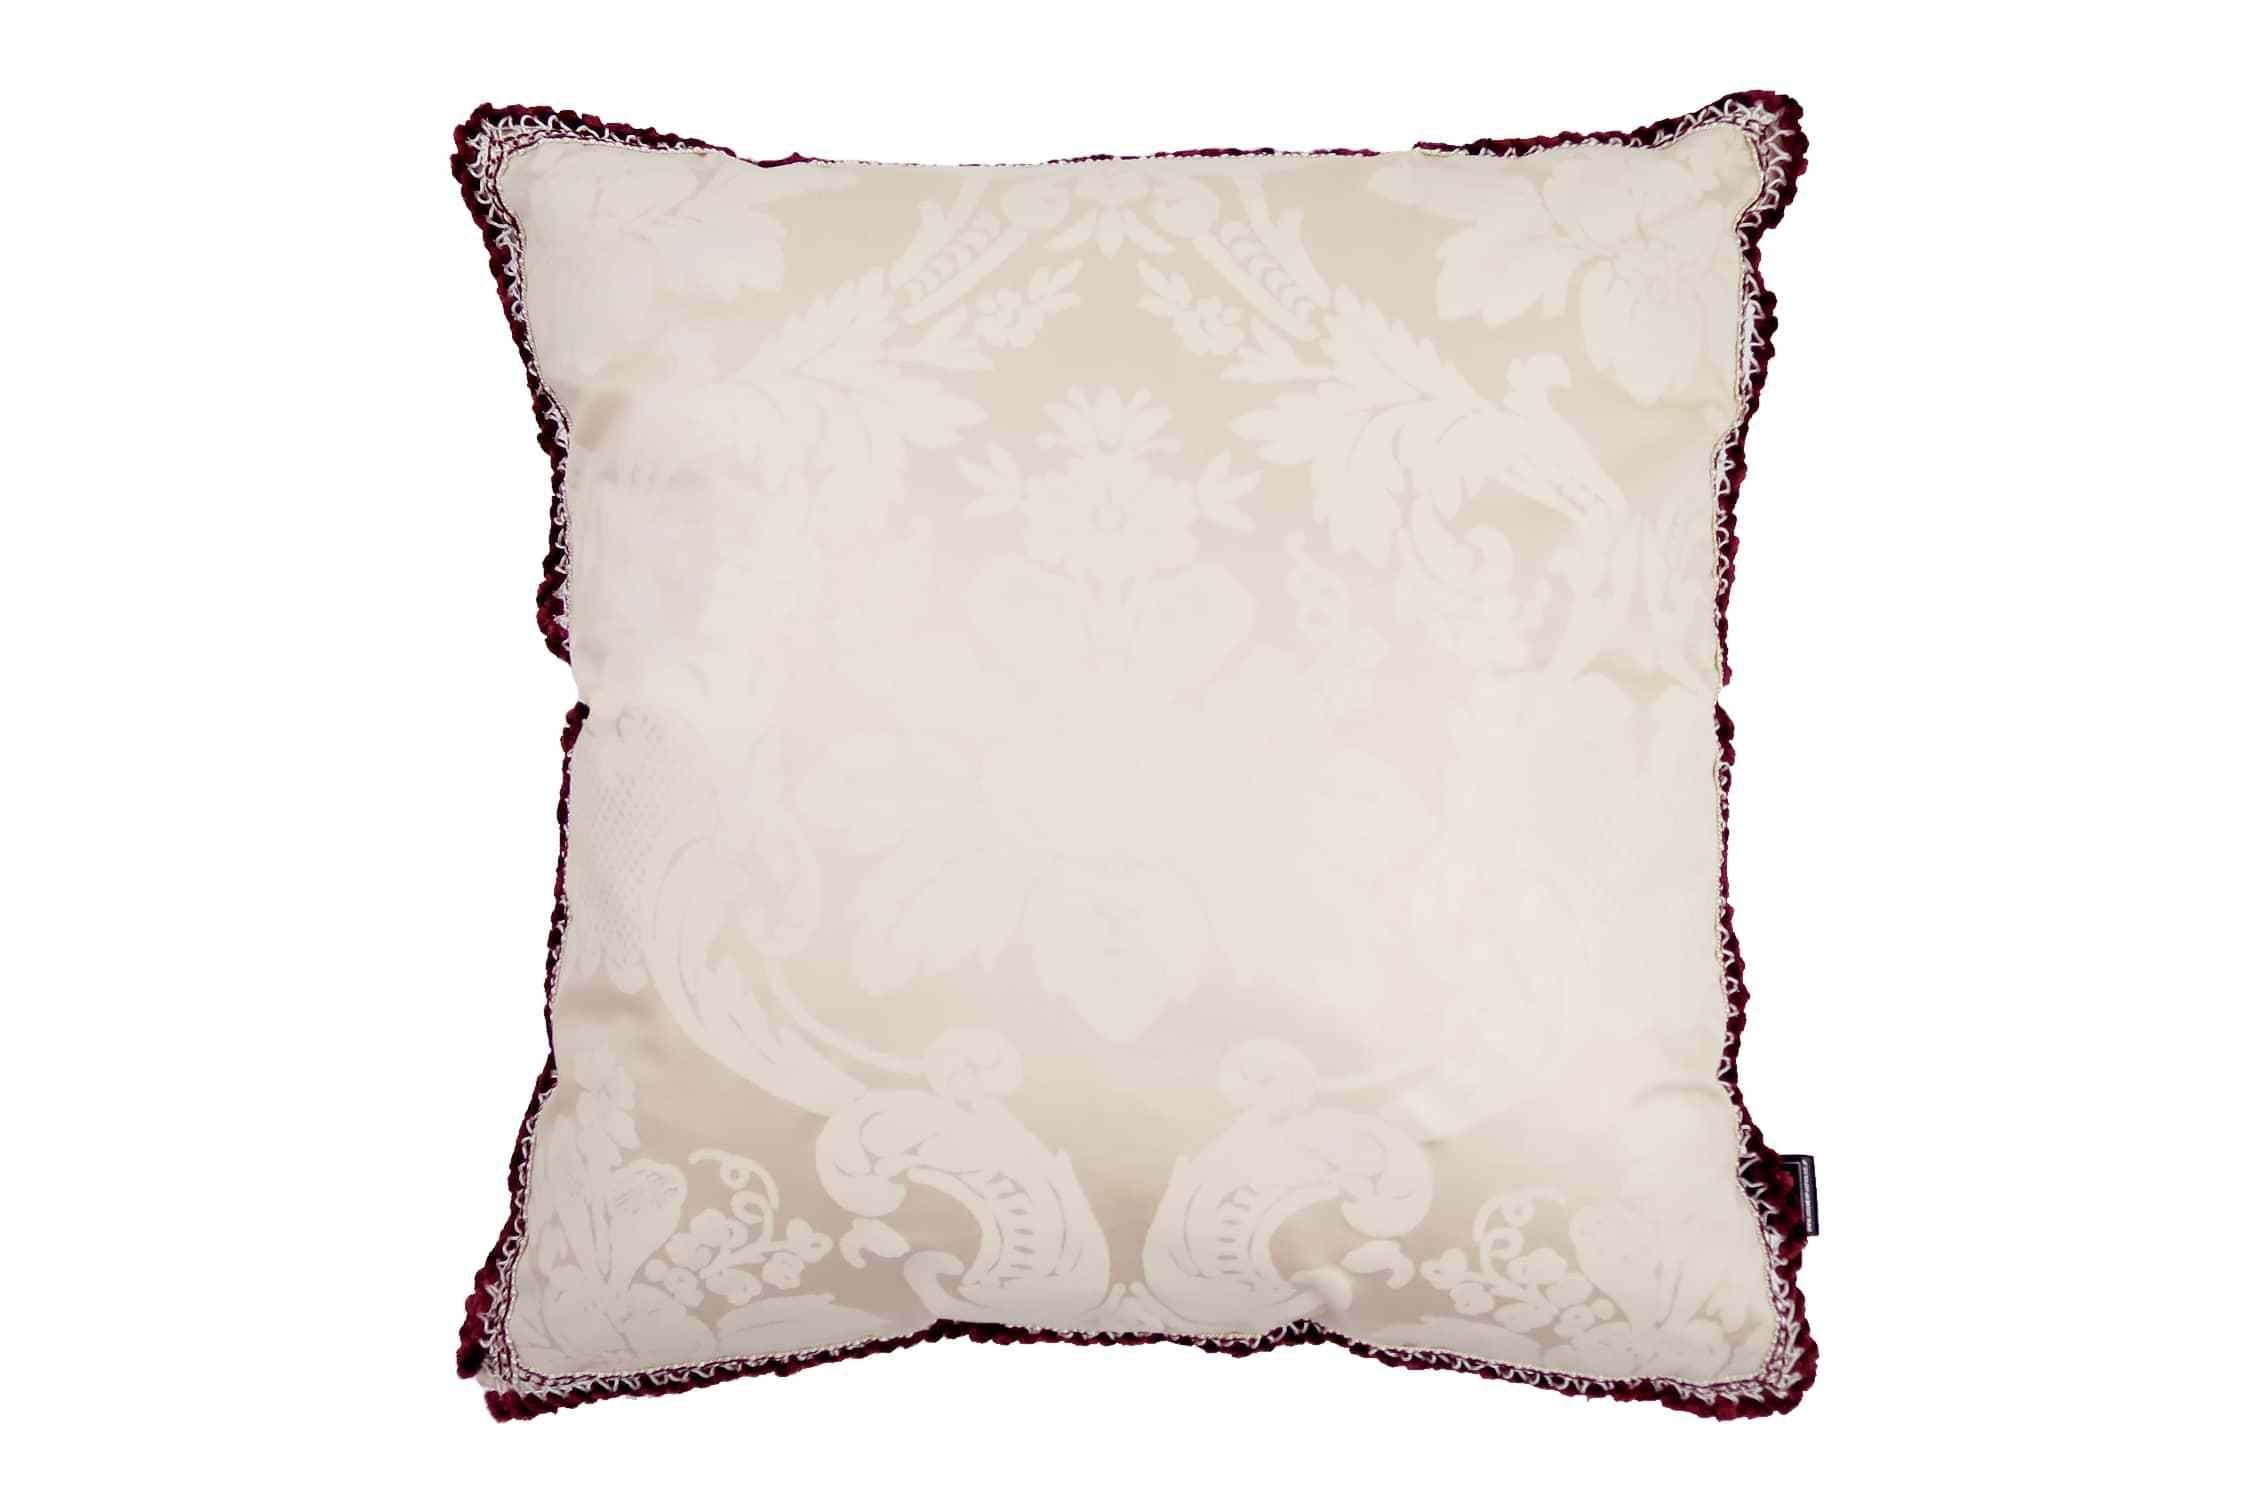 しっとりとした肌触りの白ダマスク柄にワイン色トリムがセンスなヴィンテージクッション #cushion #cushioncover #クッション #クッションカバー #ヴィンテージ #アンティーク #vintage